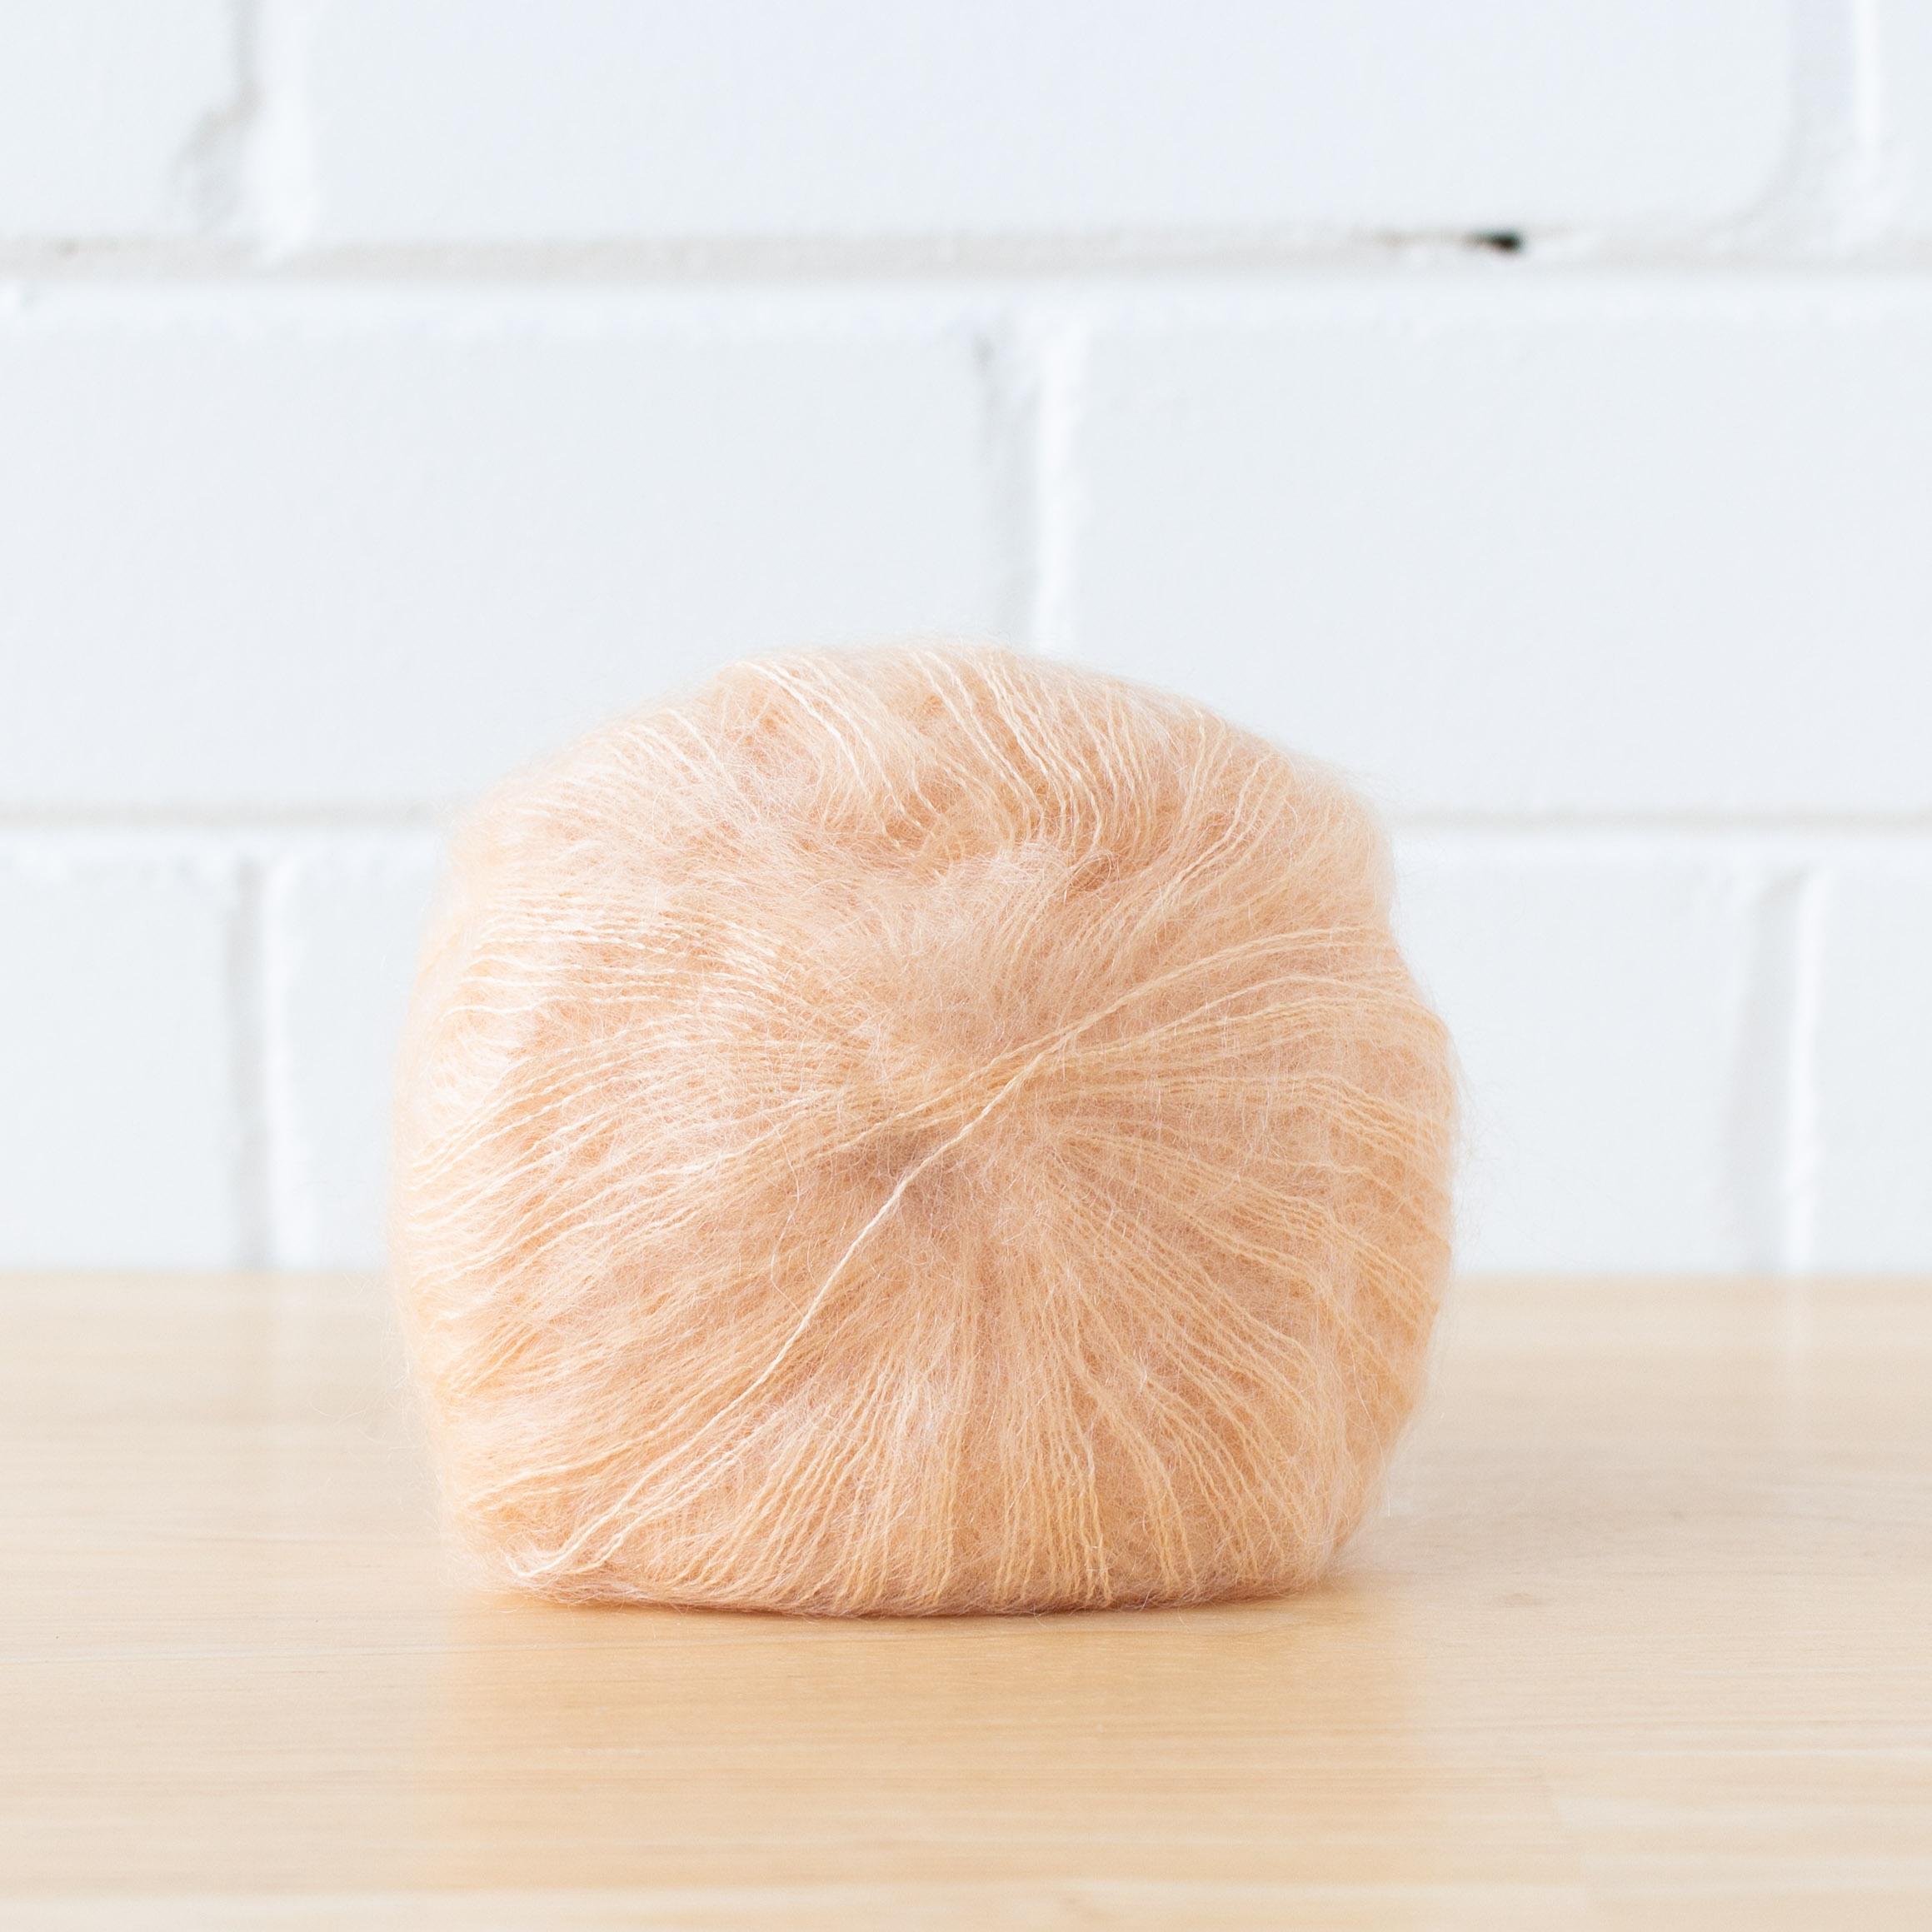 Loom & Spindle - Kremke Soul Wool - Silky Kid - Peach-2.jpg